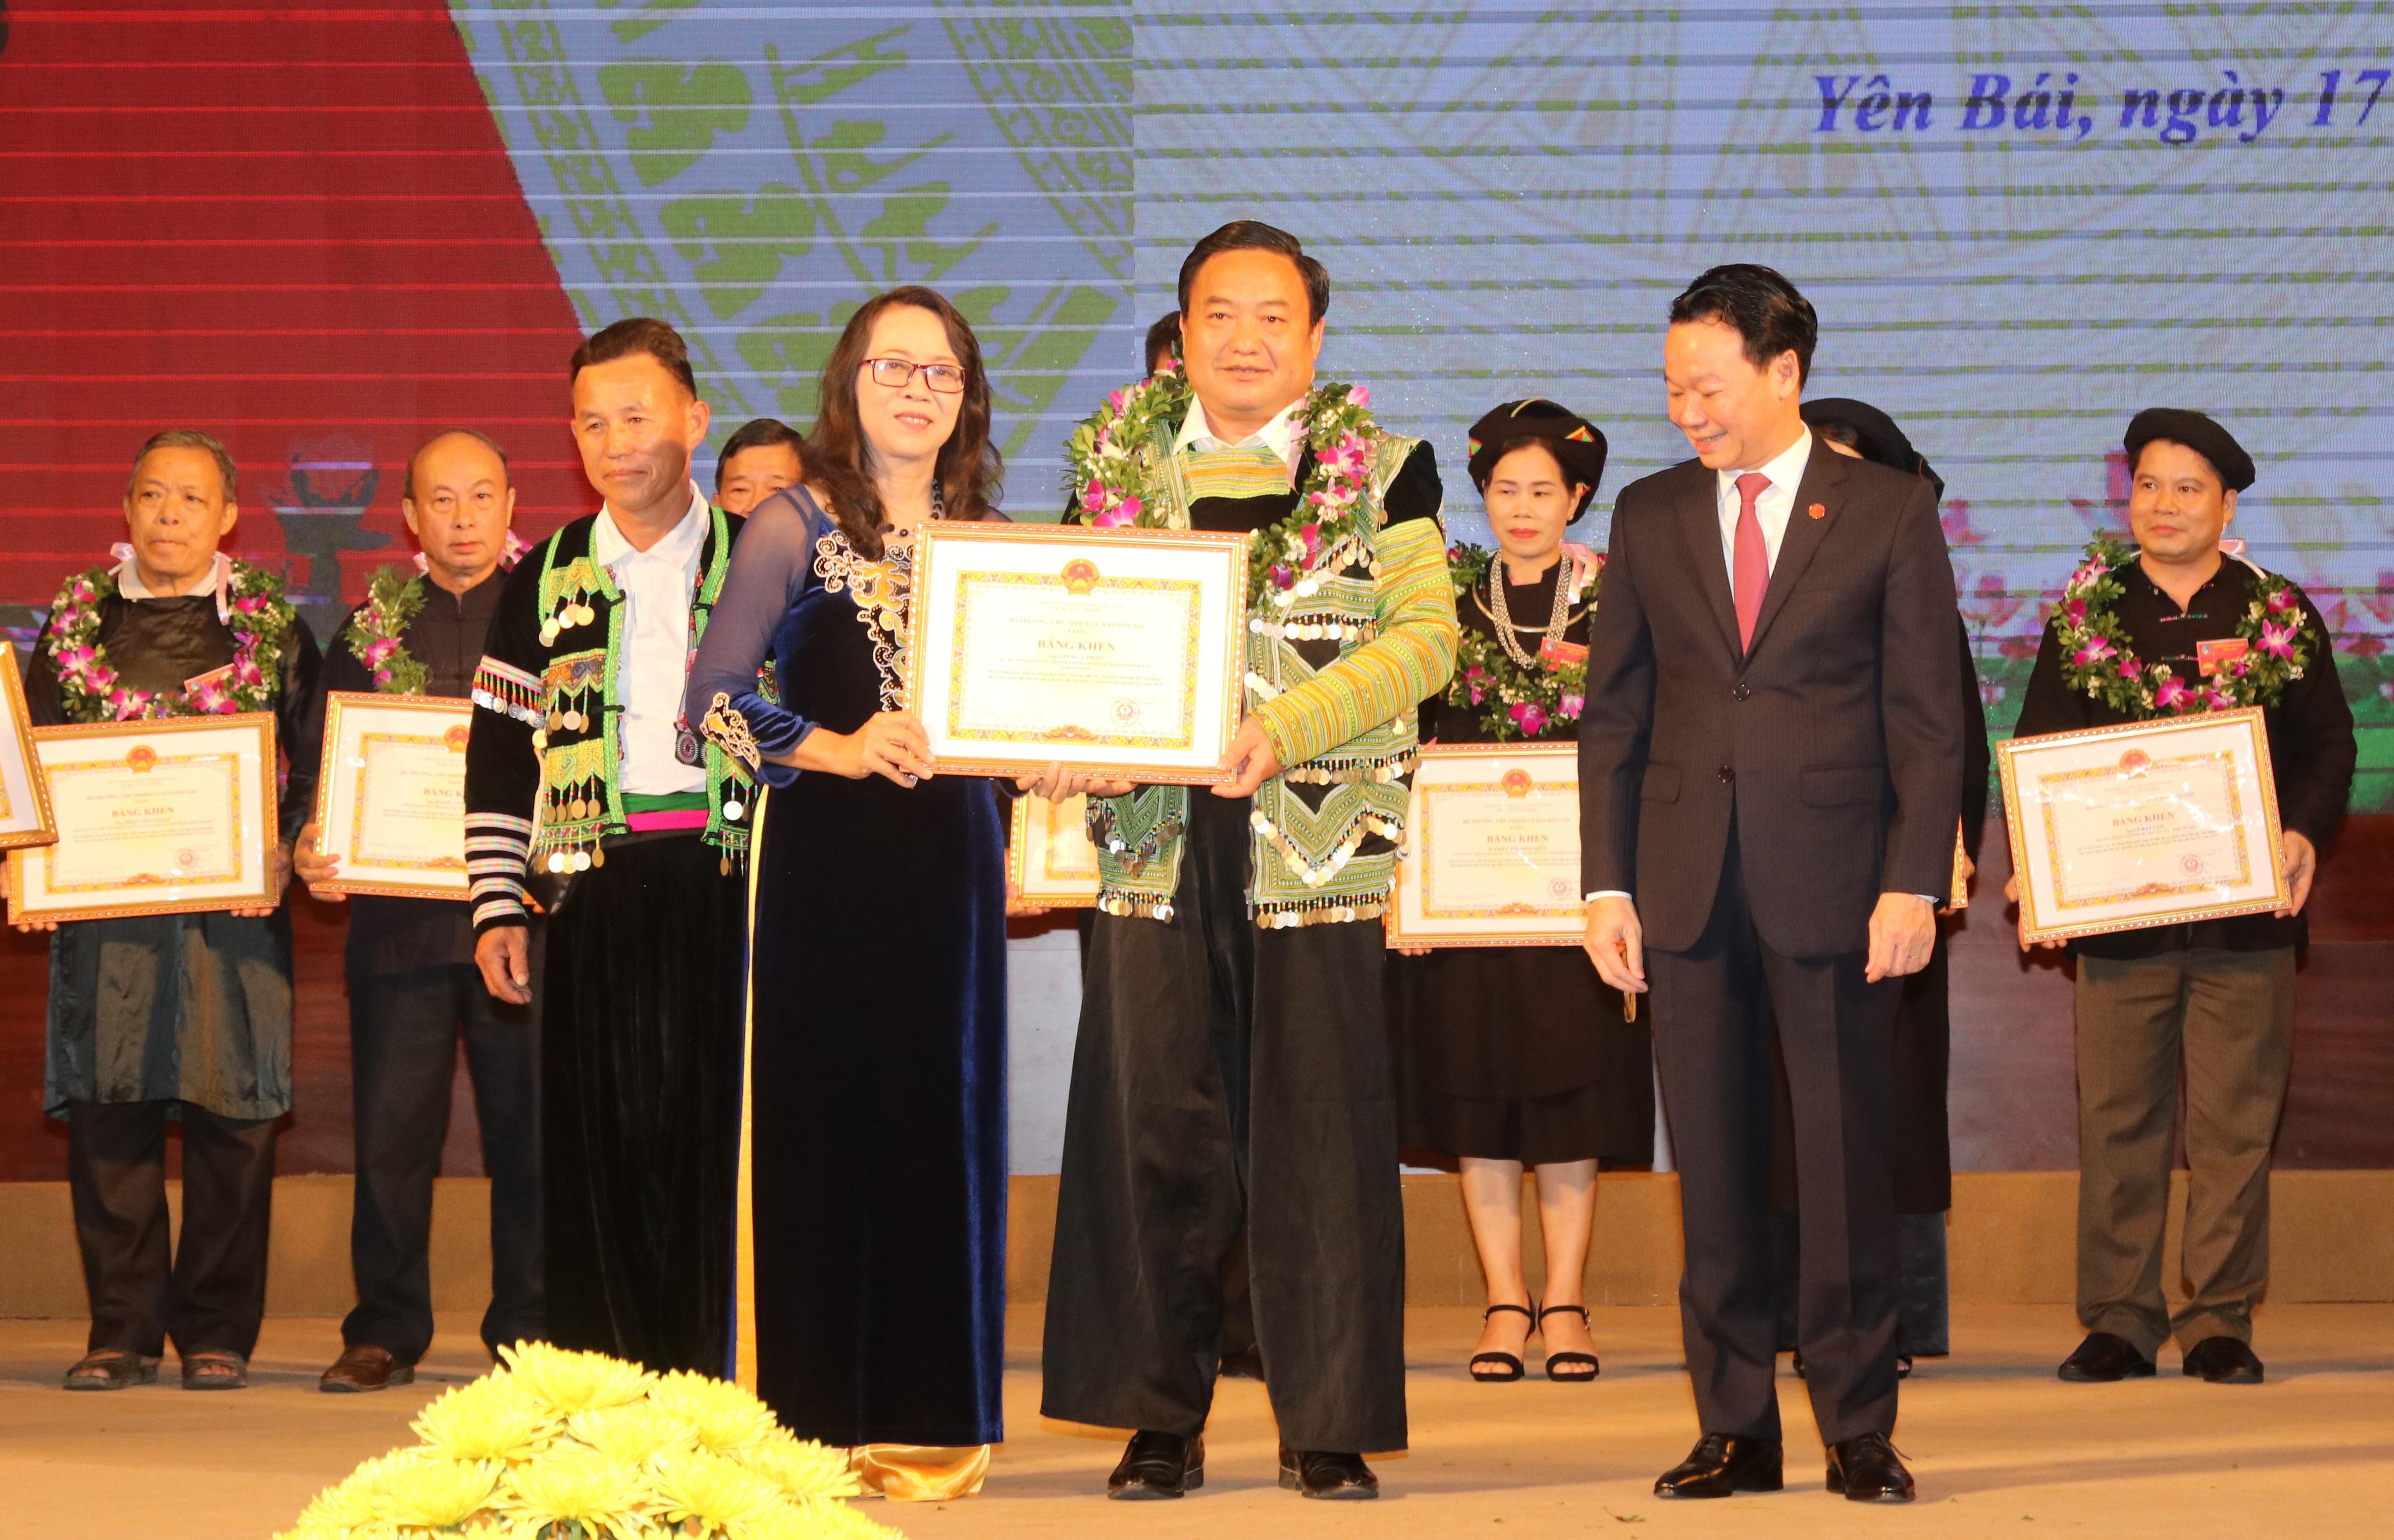 Thứ trưởng, Phó Chủ nhiệm UBDT Hoàng Thị Hạnh trao Bằng khen của Bộ trưởng, Chủ nhiệm UBDT cho các cá nhân xuất sắc